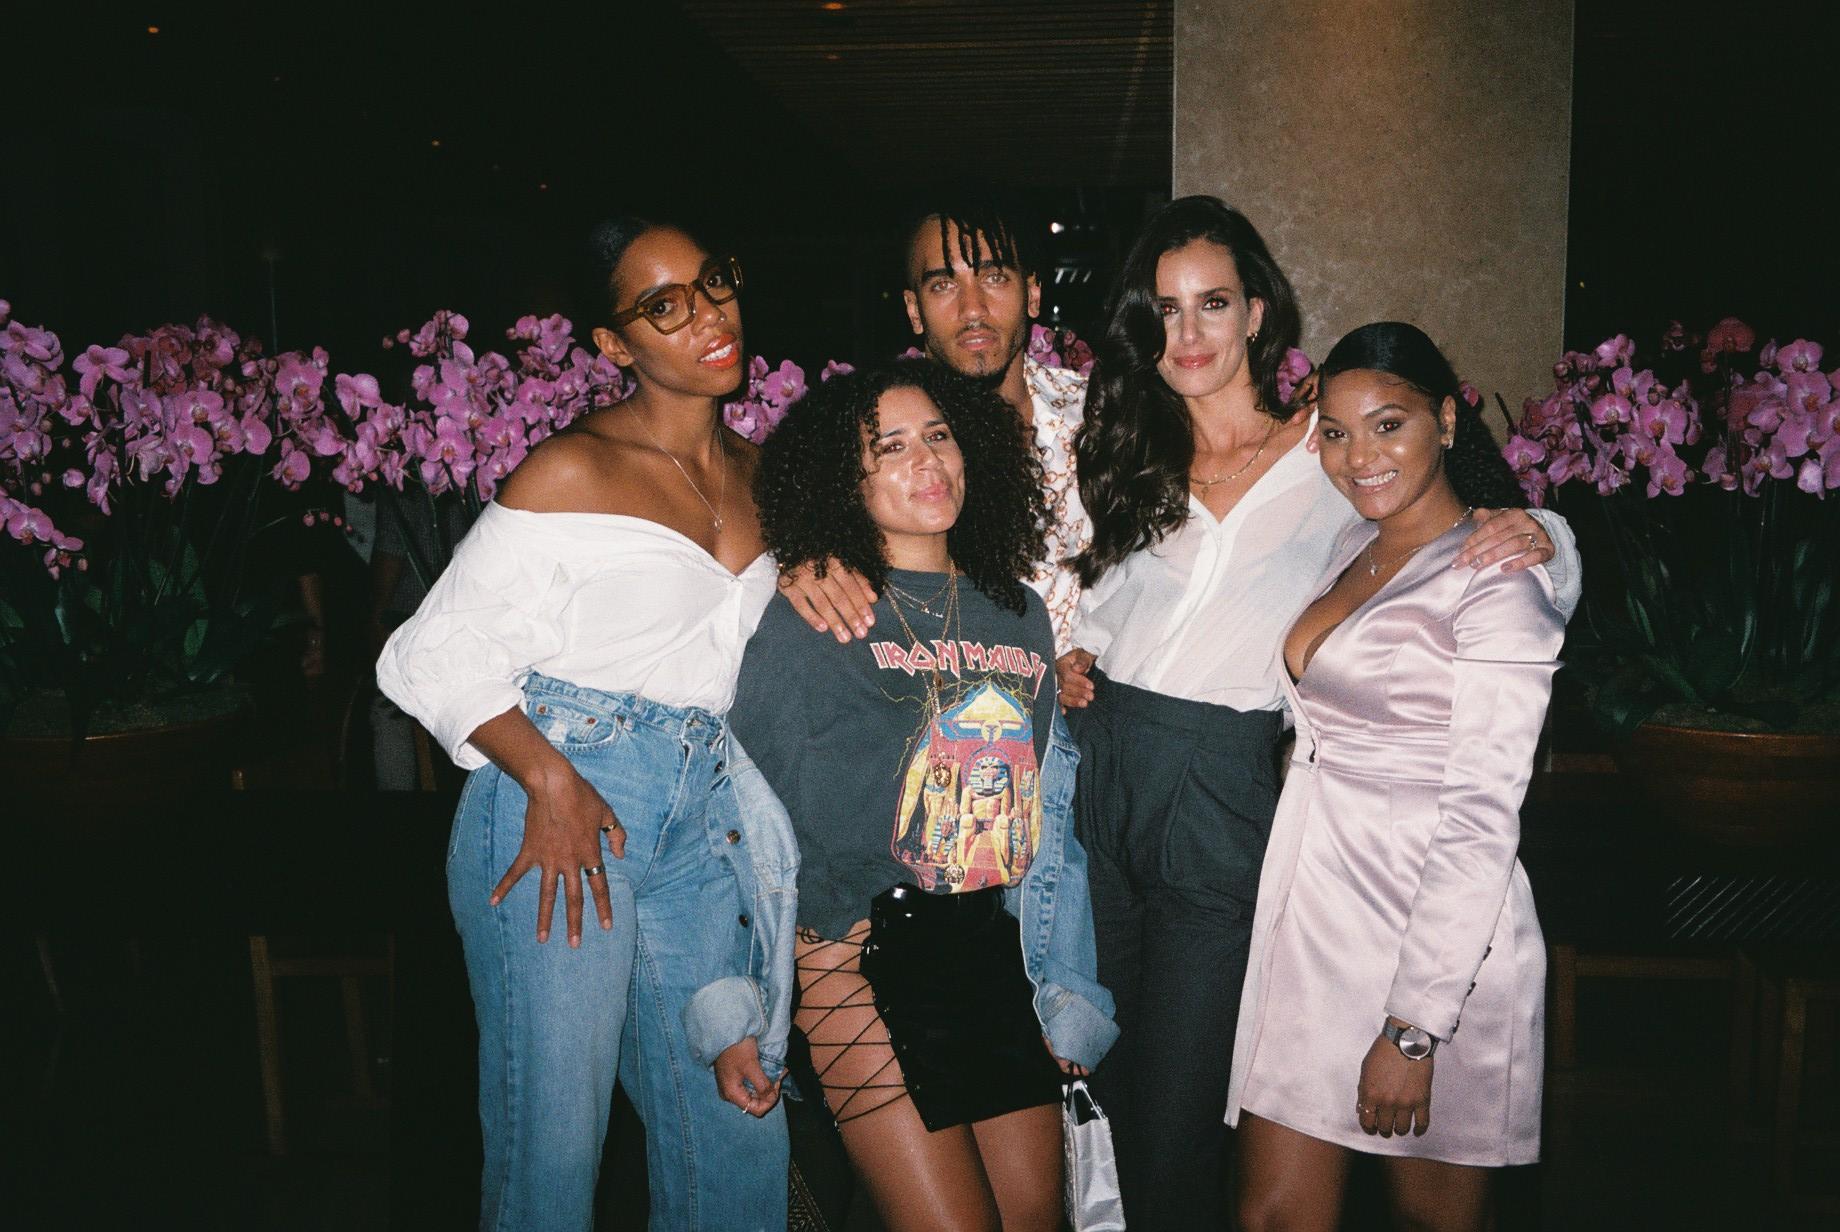 Mary, Chloe, Rycardo, me & Fofa